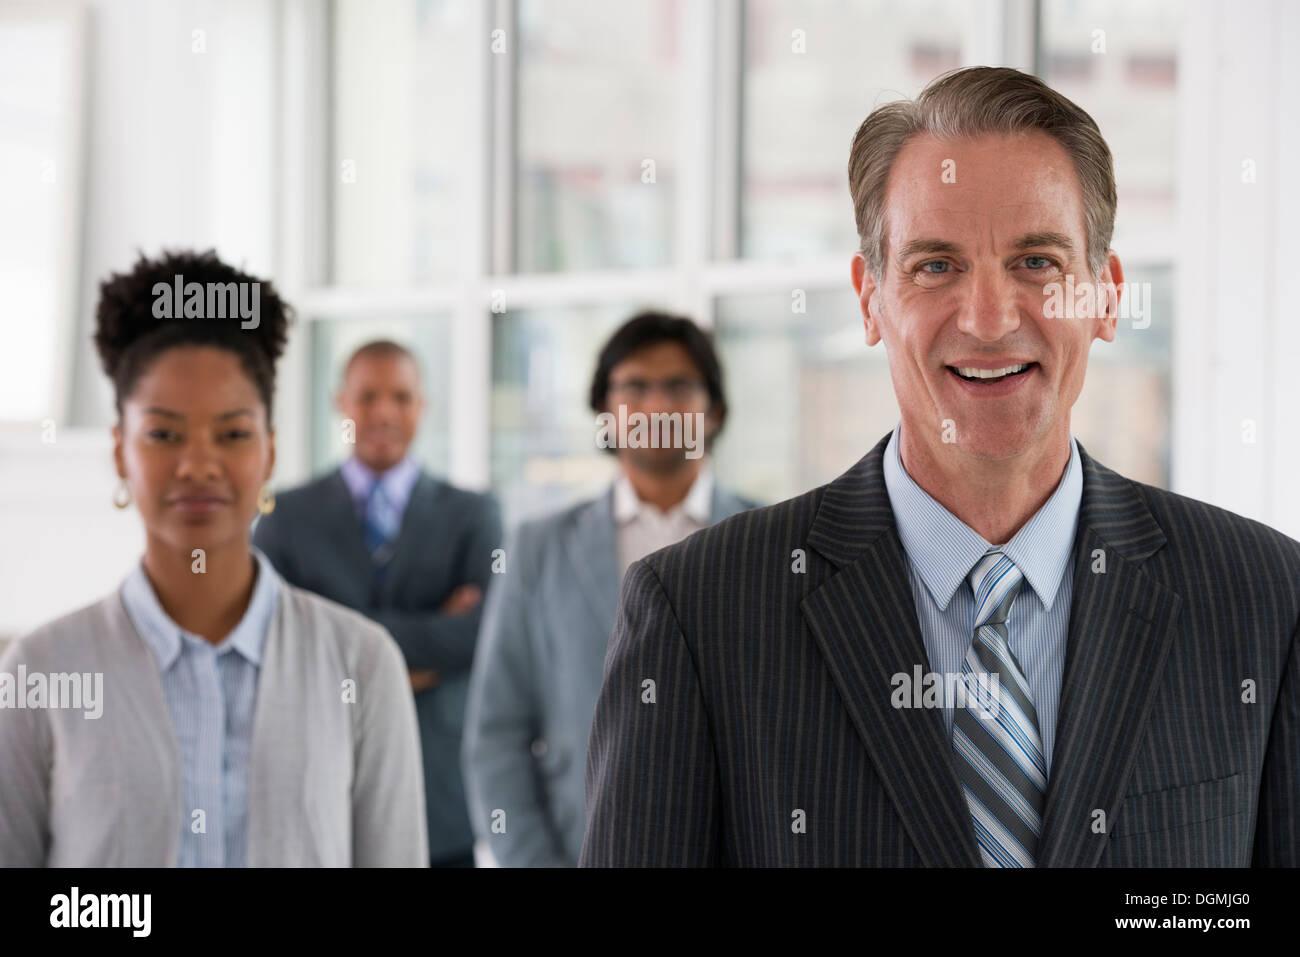 Business-Leute. Vier Personen, drei Männer und eine Frau. Stockbild